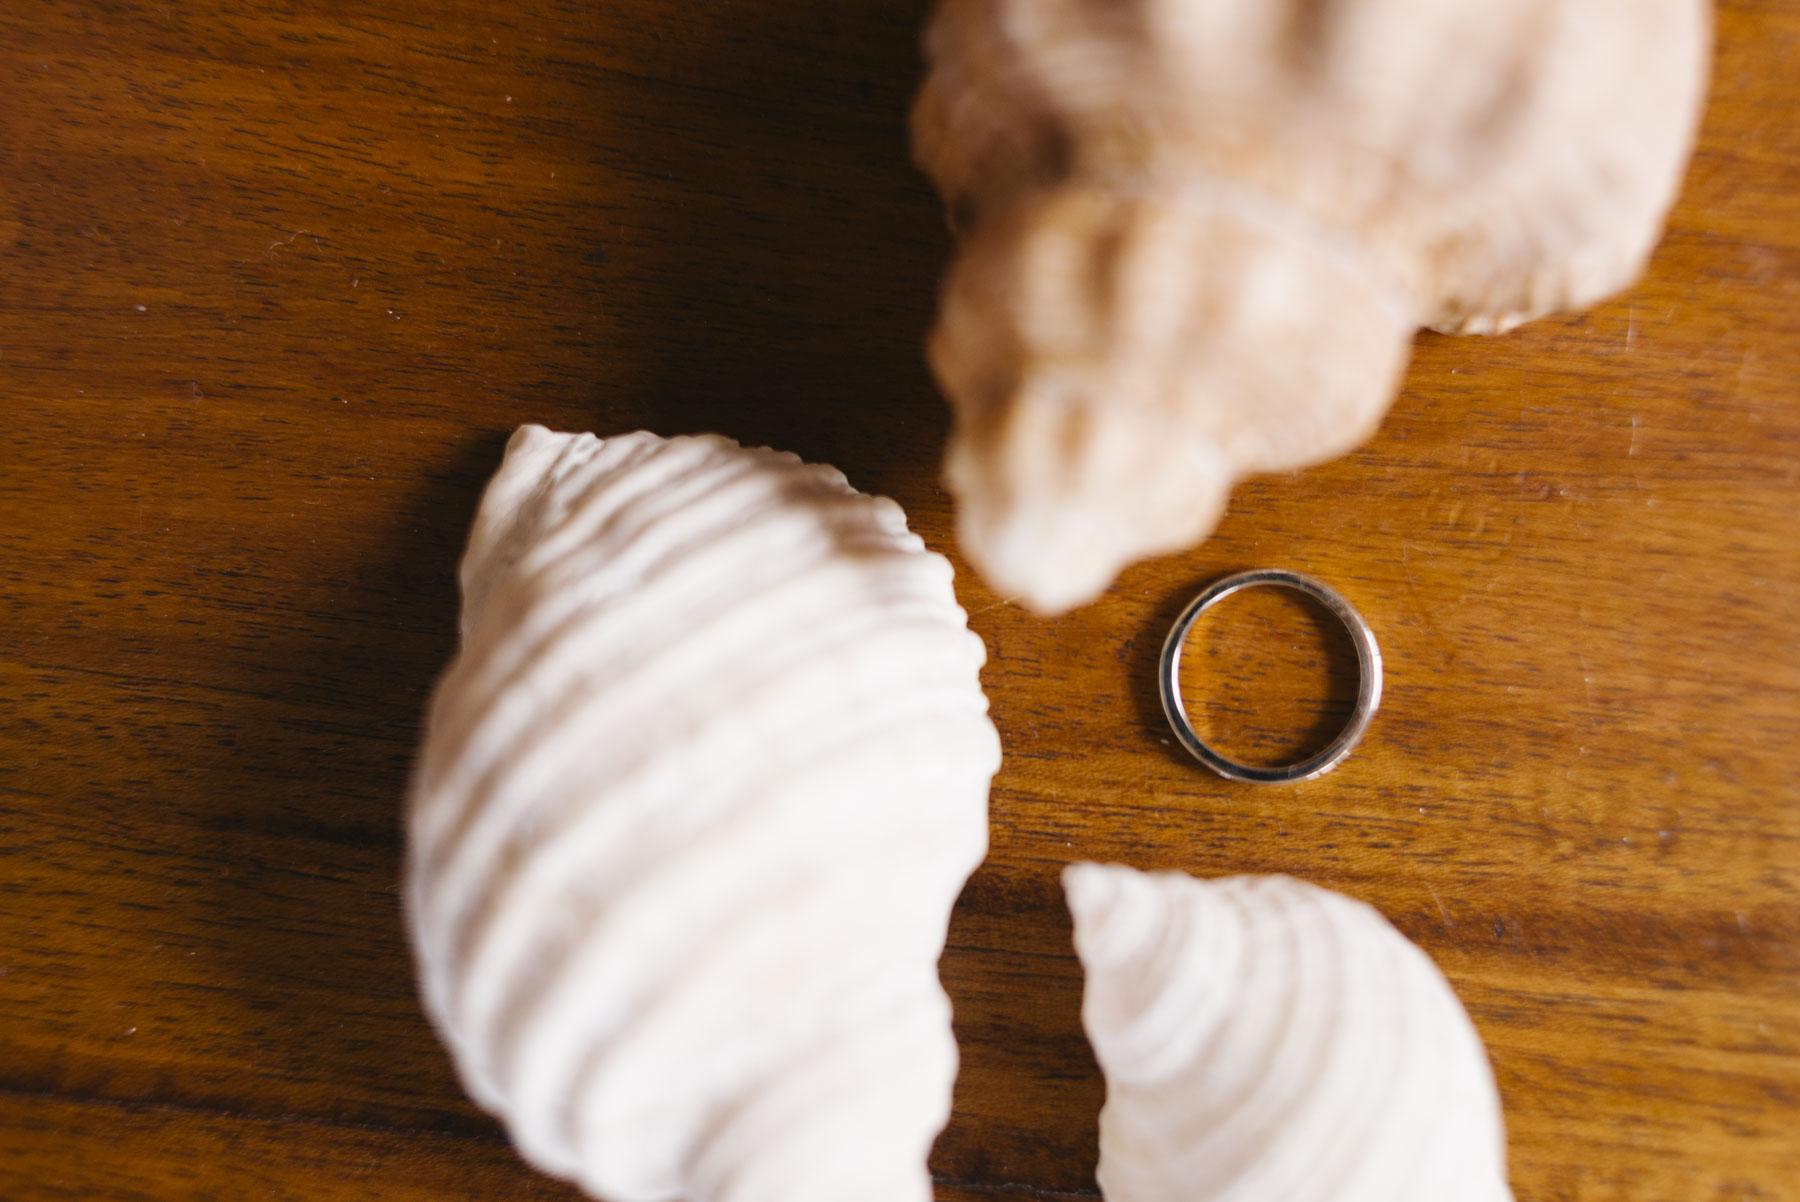 1501curchill-069alan_moyle_wedding_portrait_brighton_bayside_bay_of_fires_rustic_styled_rustic_beach_candid_documentry_binalongbay_tasmania_destination.jpg